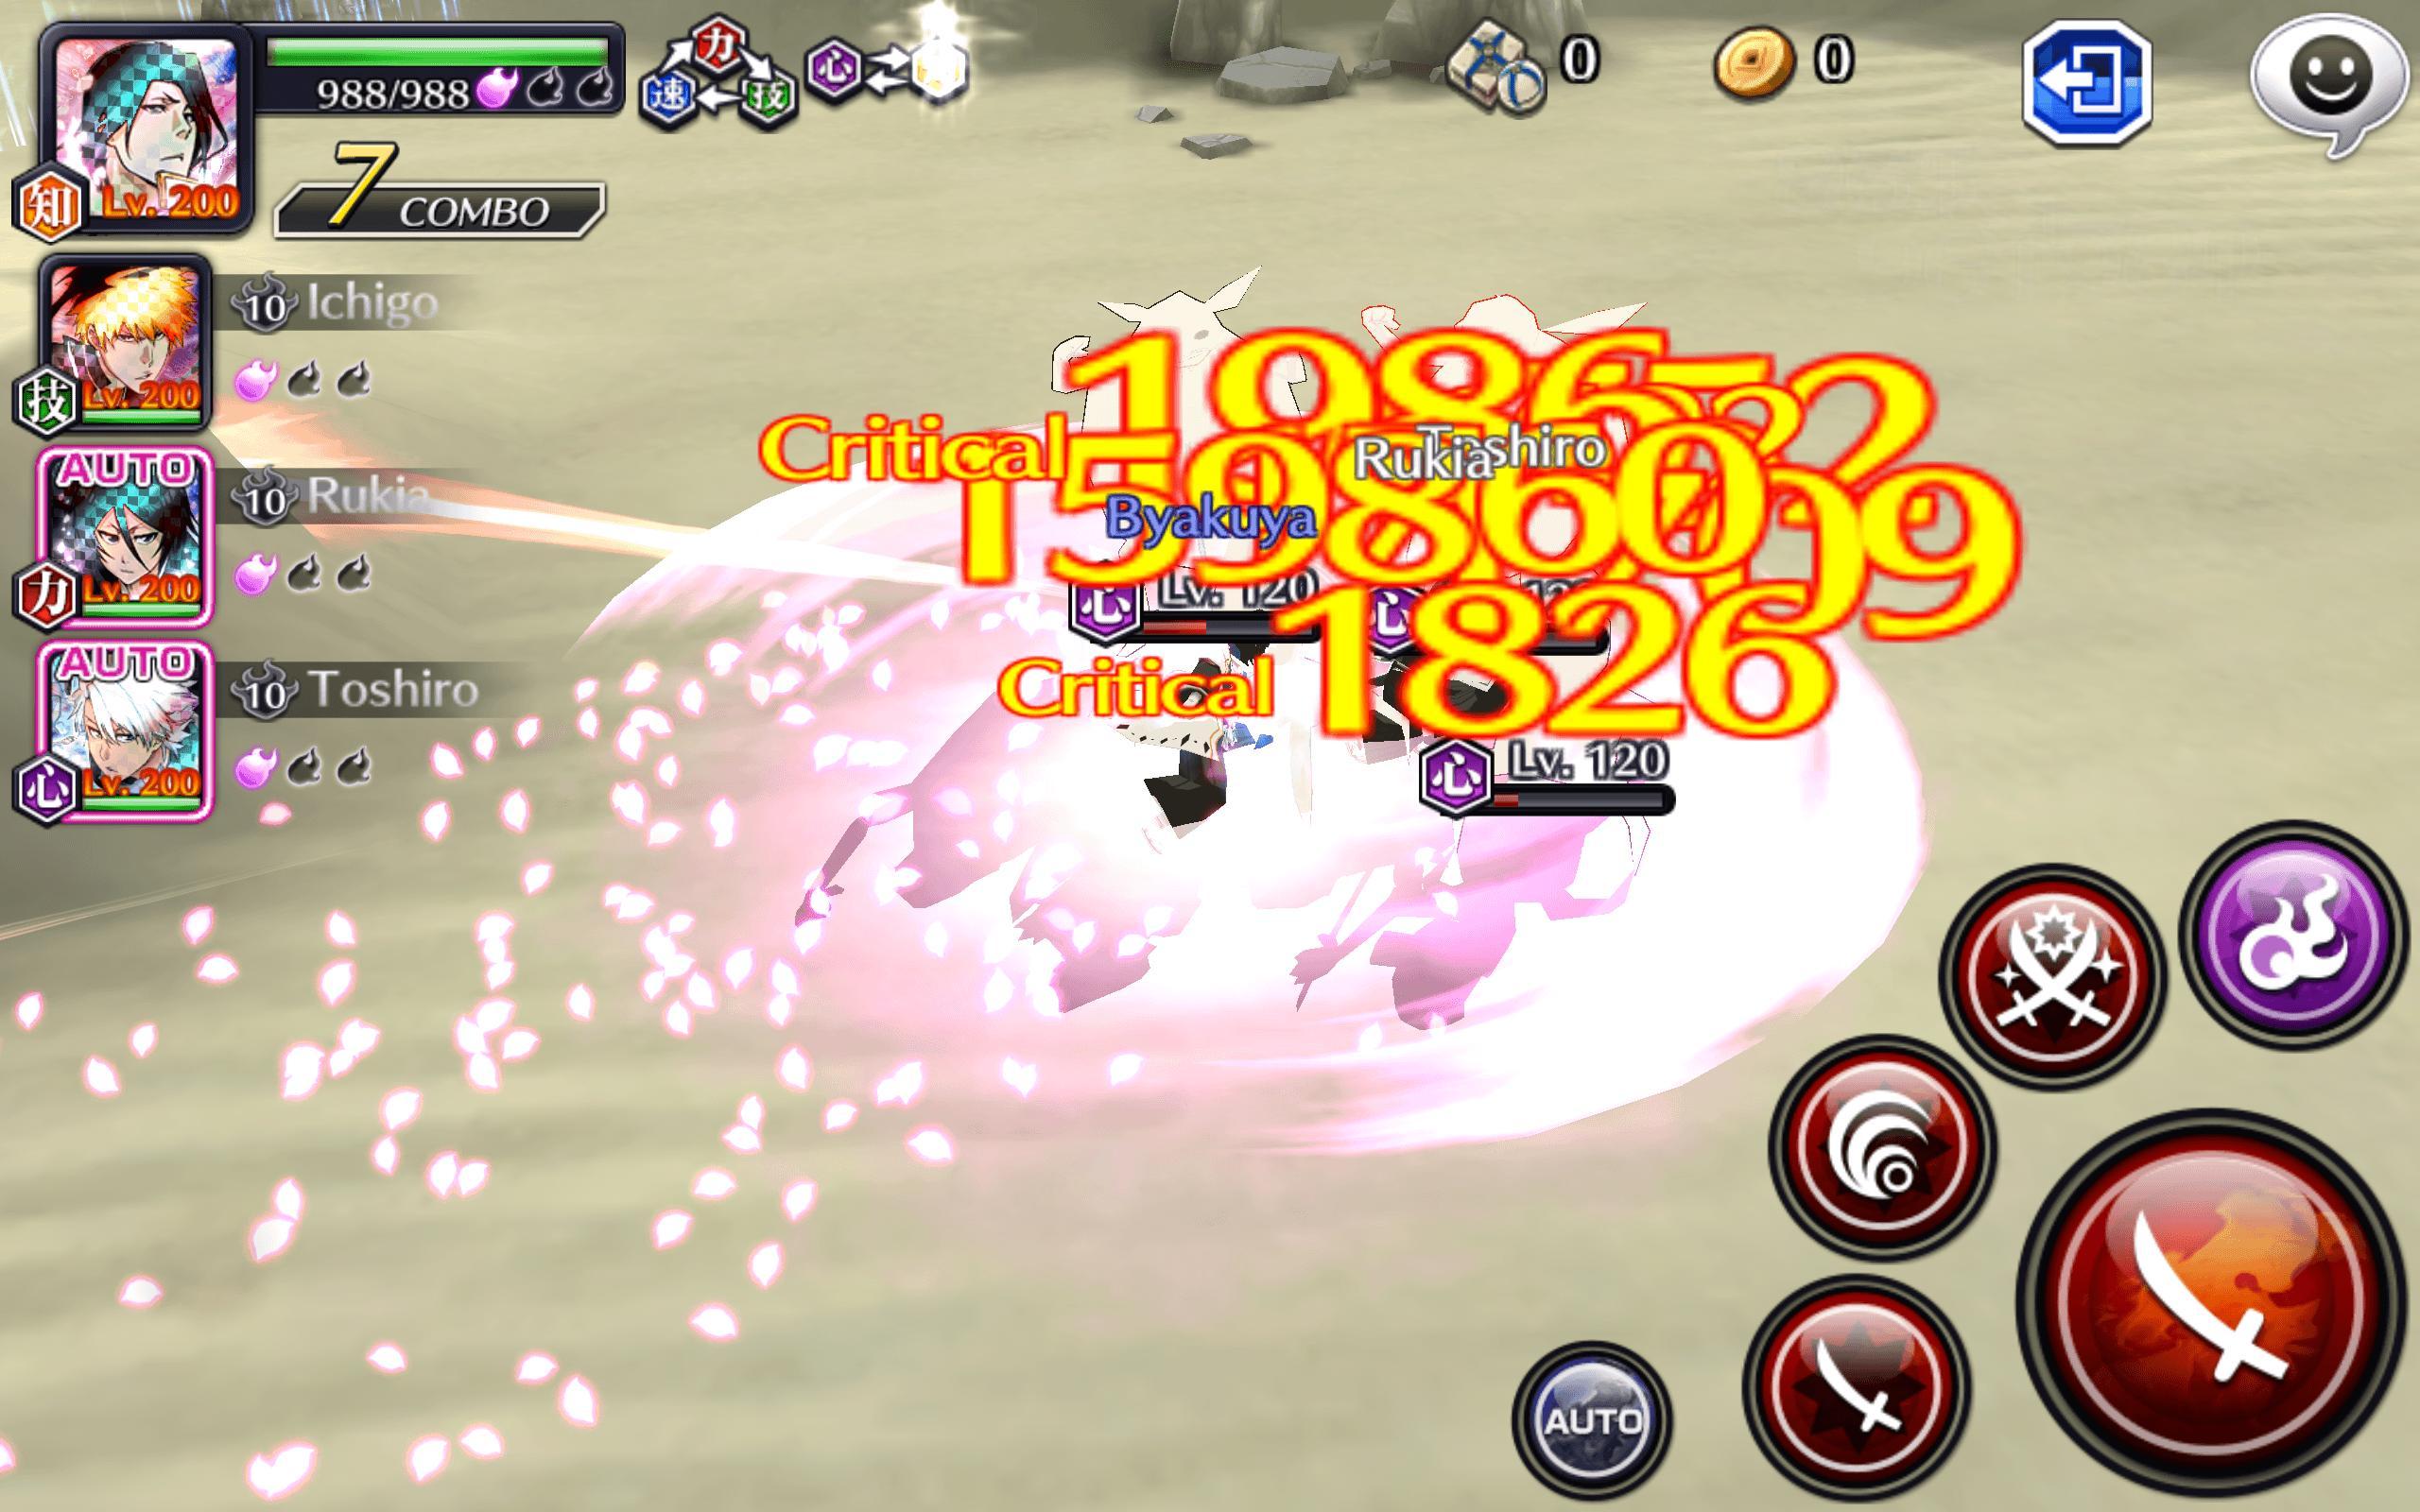 BLEACH Brave Souls - 3D Action 10.3.1 Screenshot 14